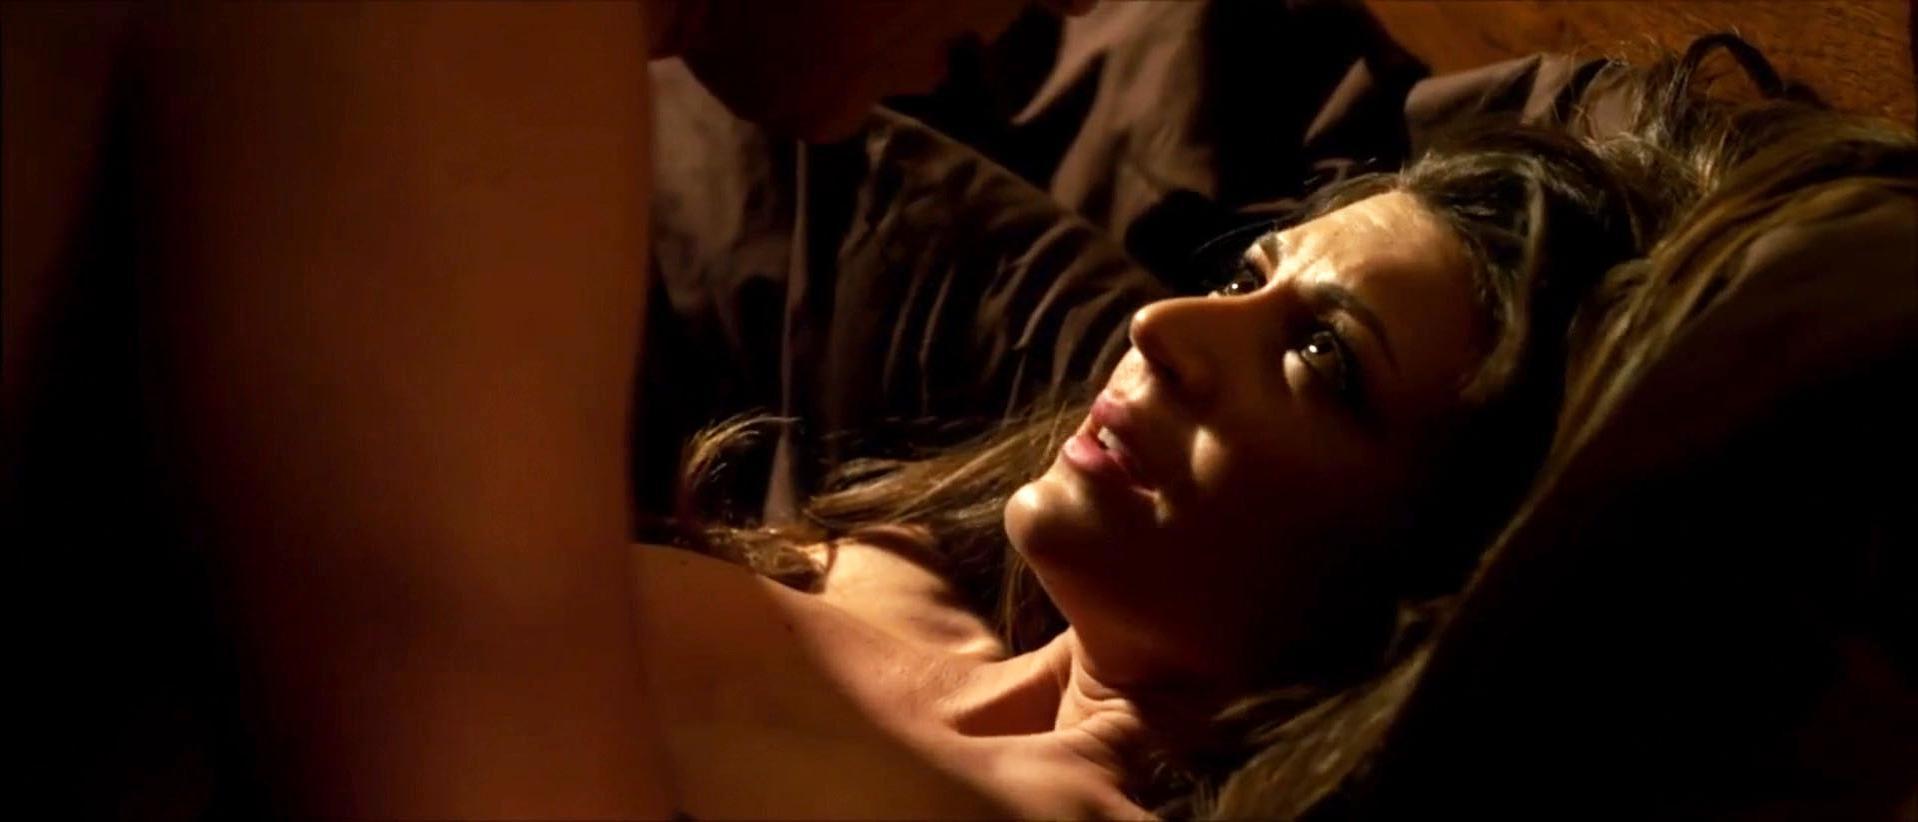 Cerina Vincent nude - Tag (2015)